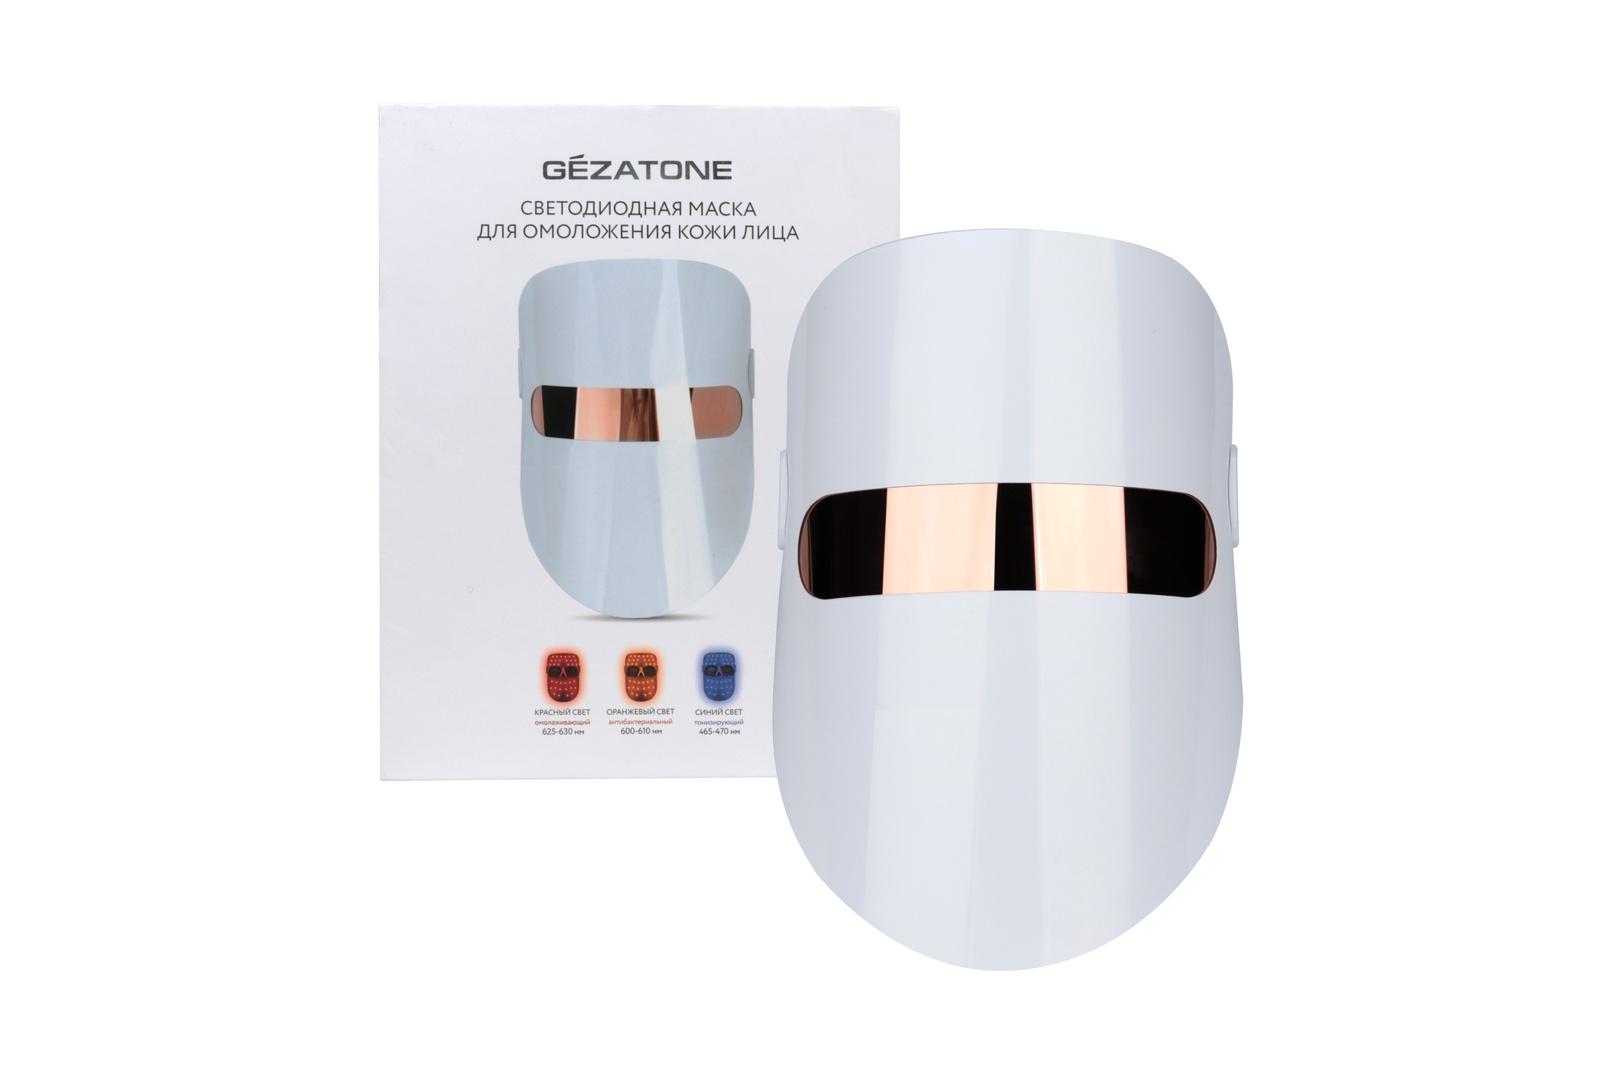 Косметологический аппарат Gezatone для омоложения кожи лица m1020 1301235